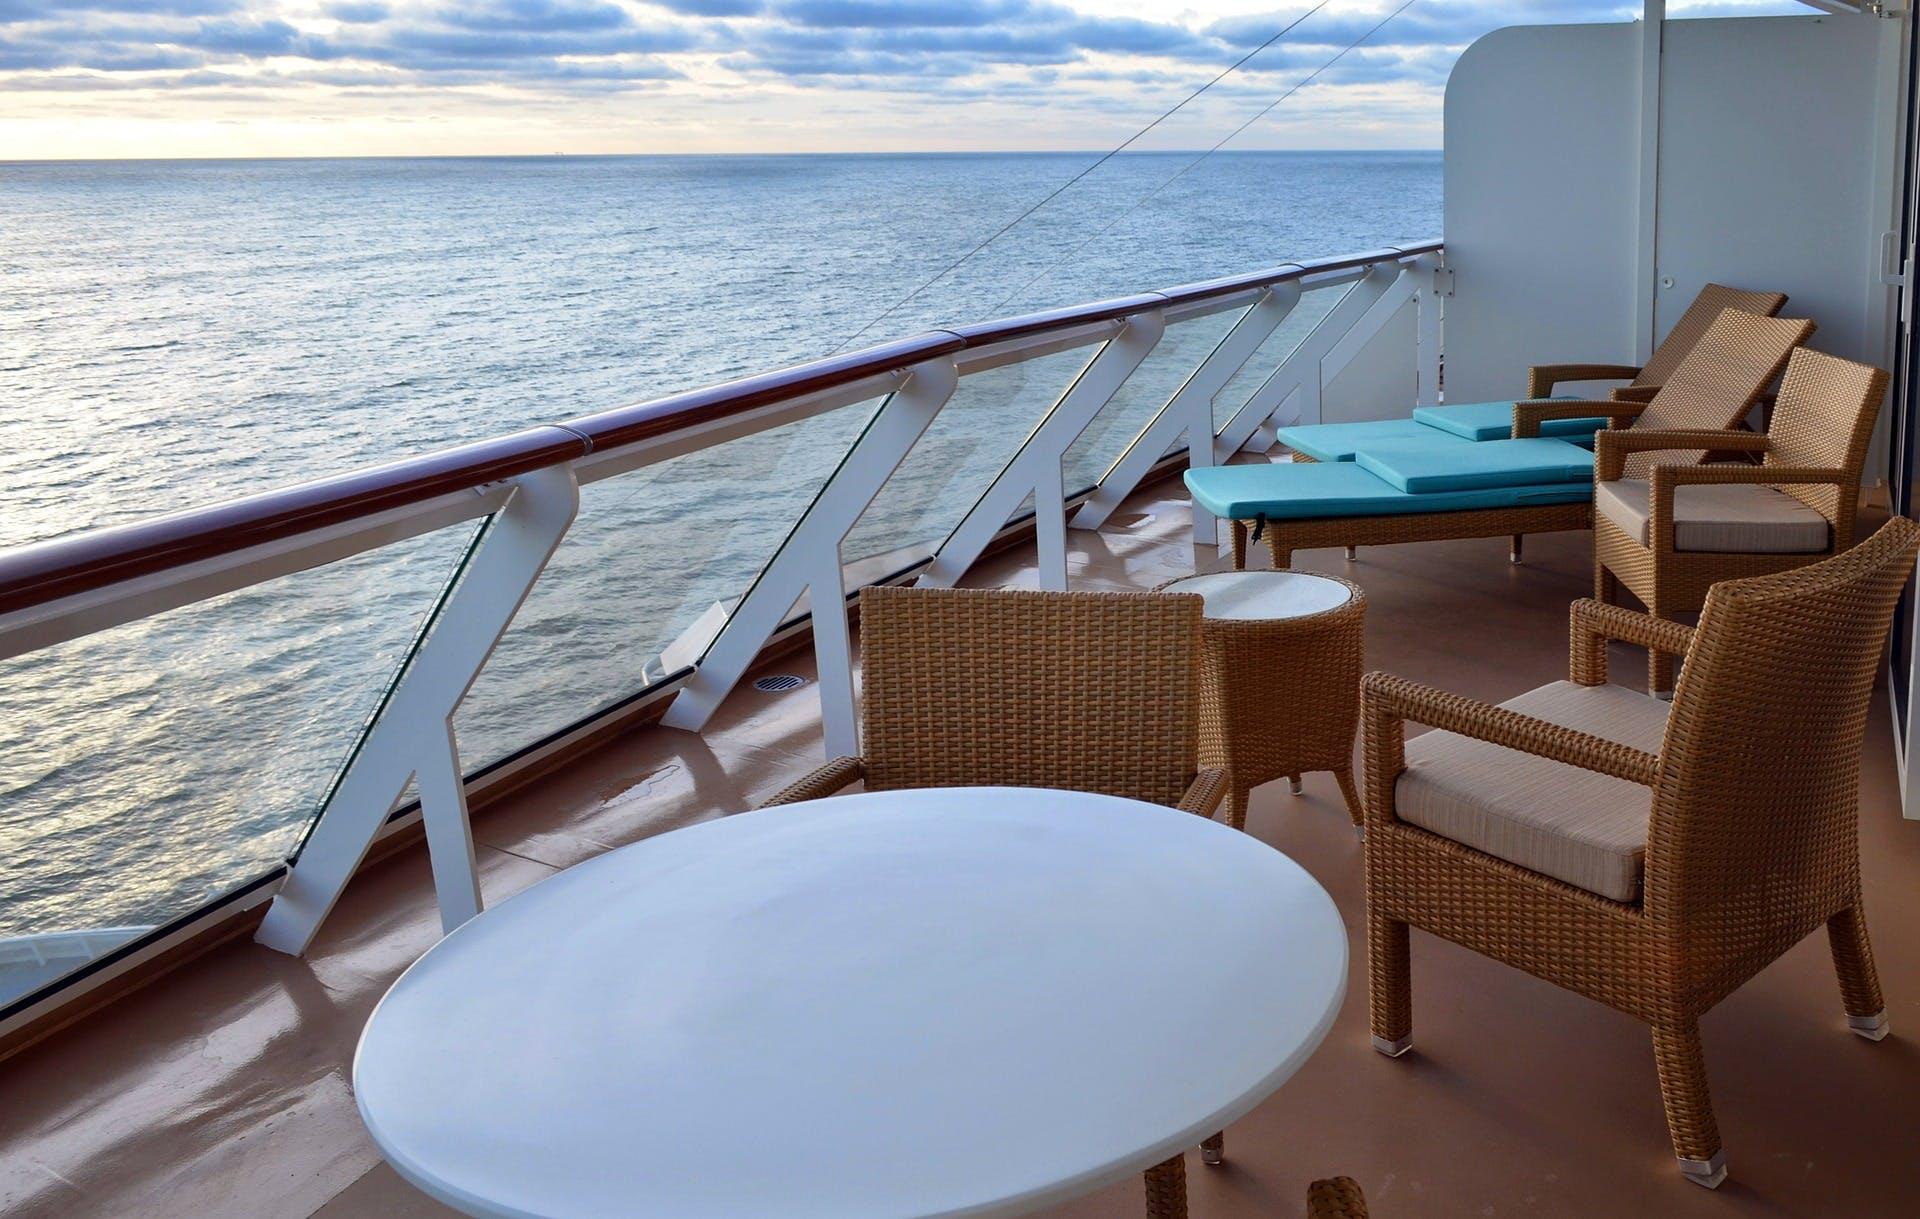 varanda privativa de um cruzeiro, com cadeiras e espreguiçadeiras